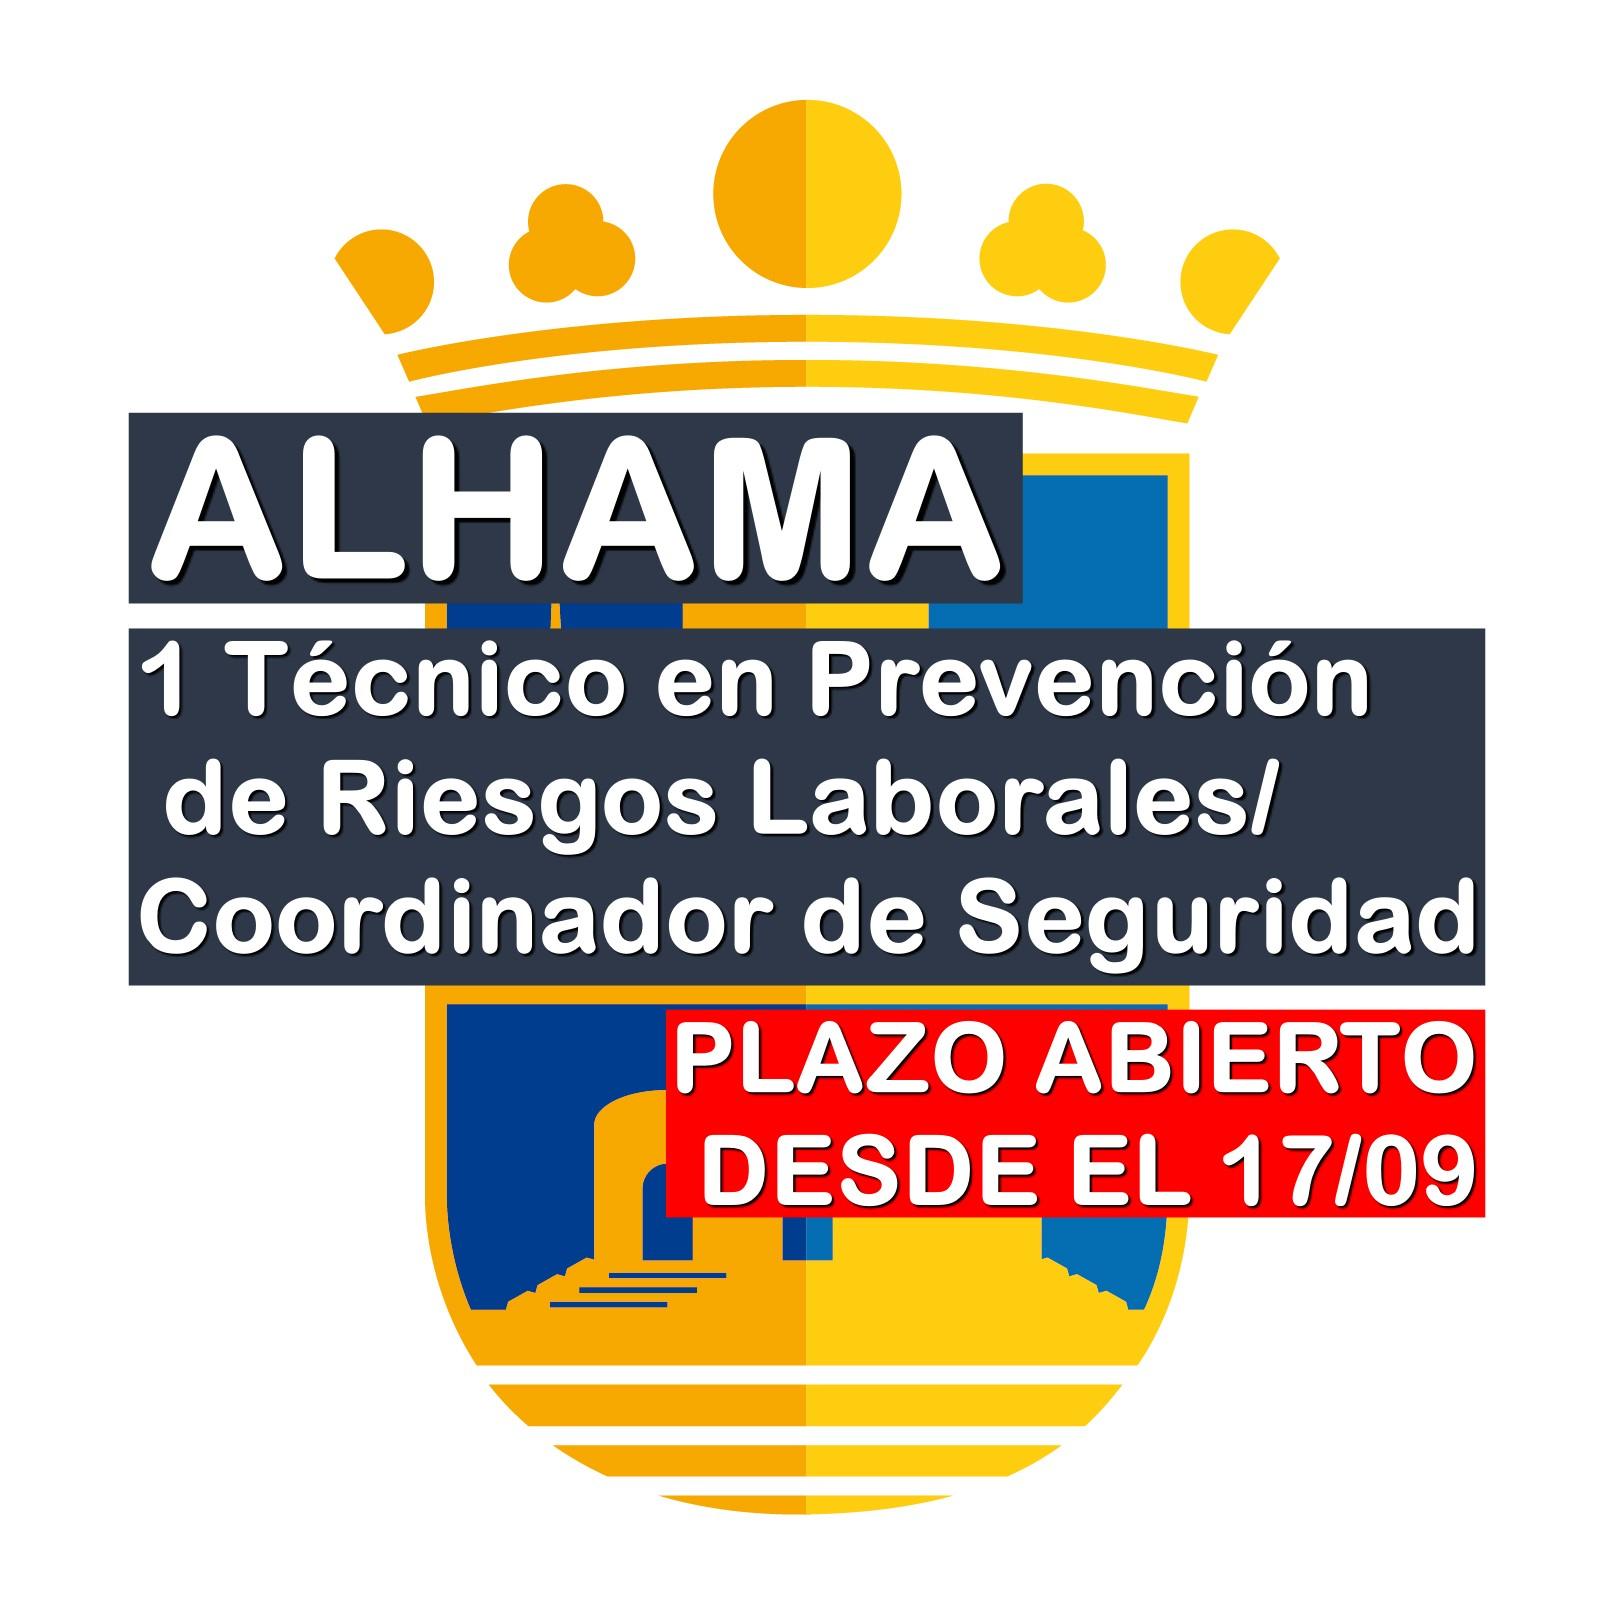 1 Técnico en Prevención de Riesgos Laborales/Coordinador de Seguridad en Alhama de Murcia